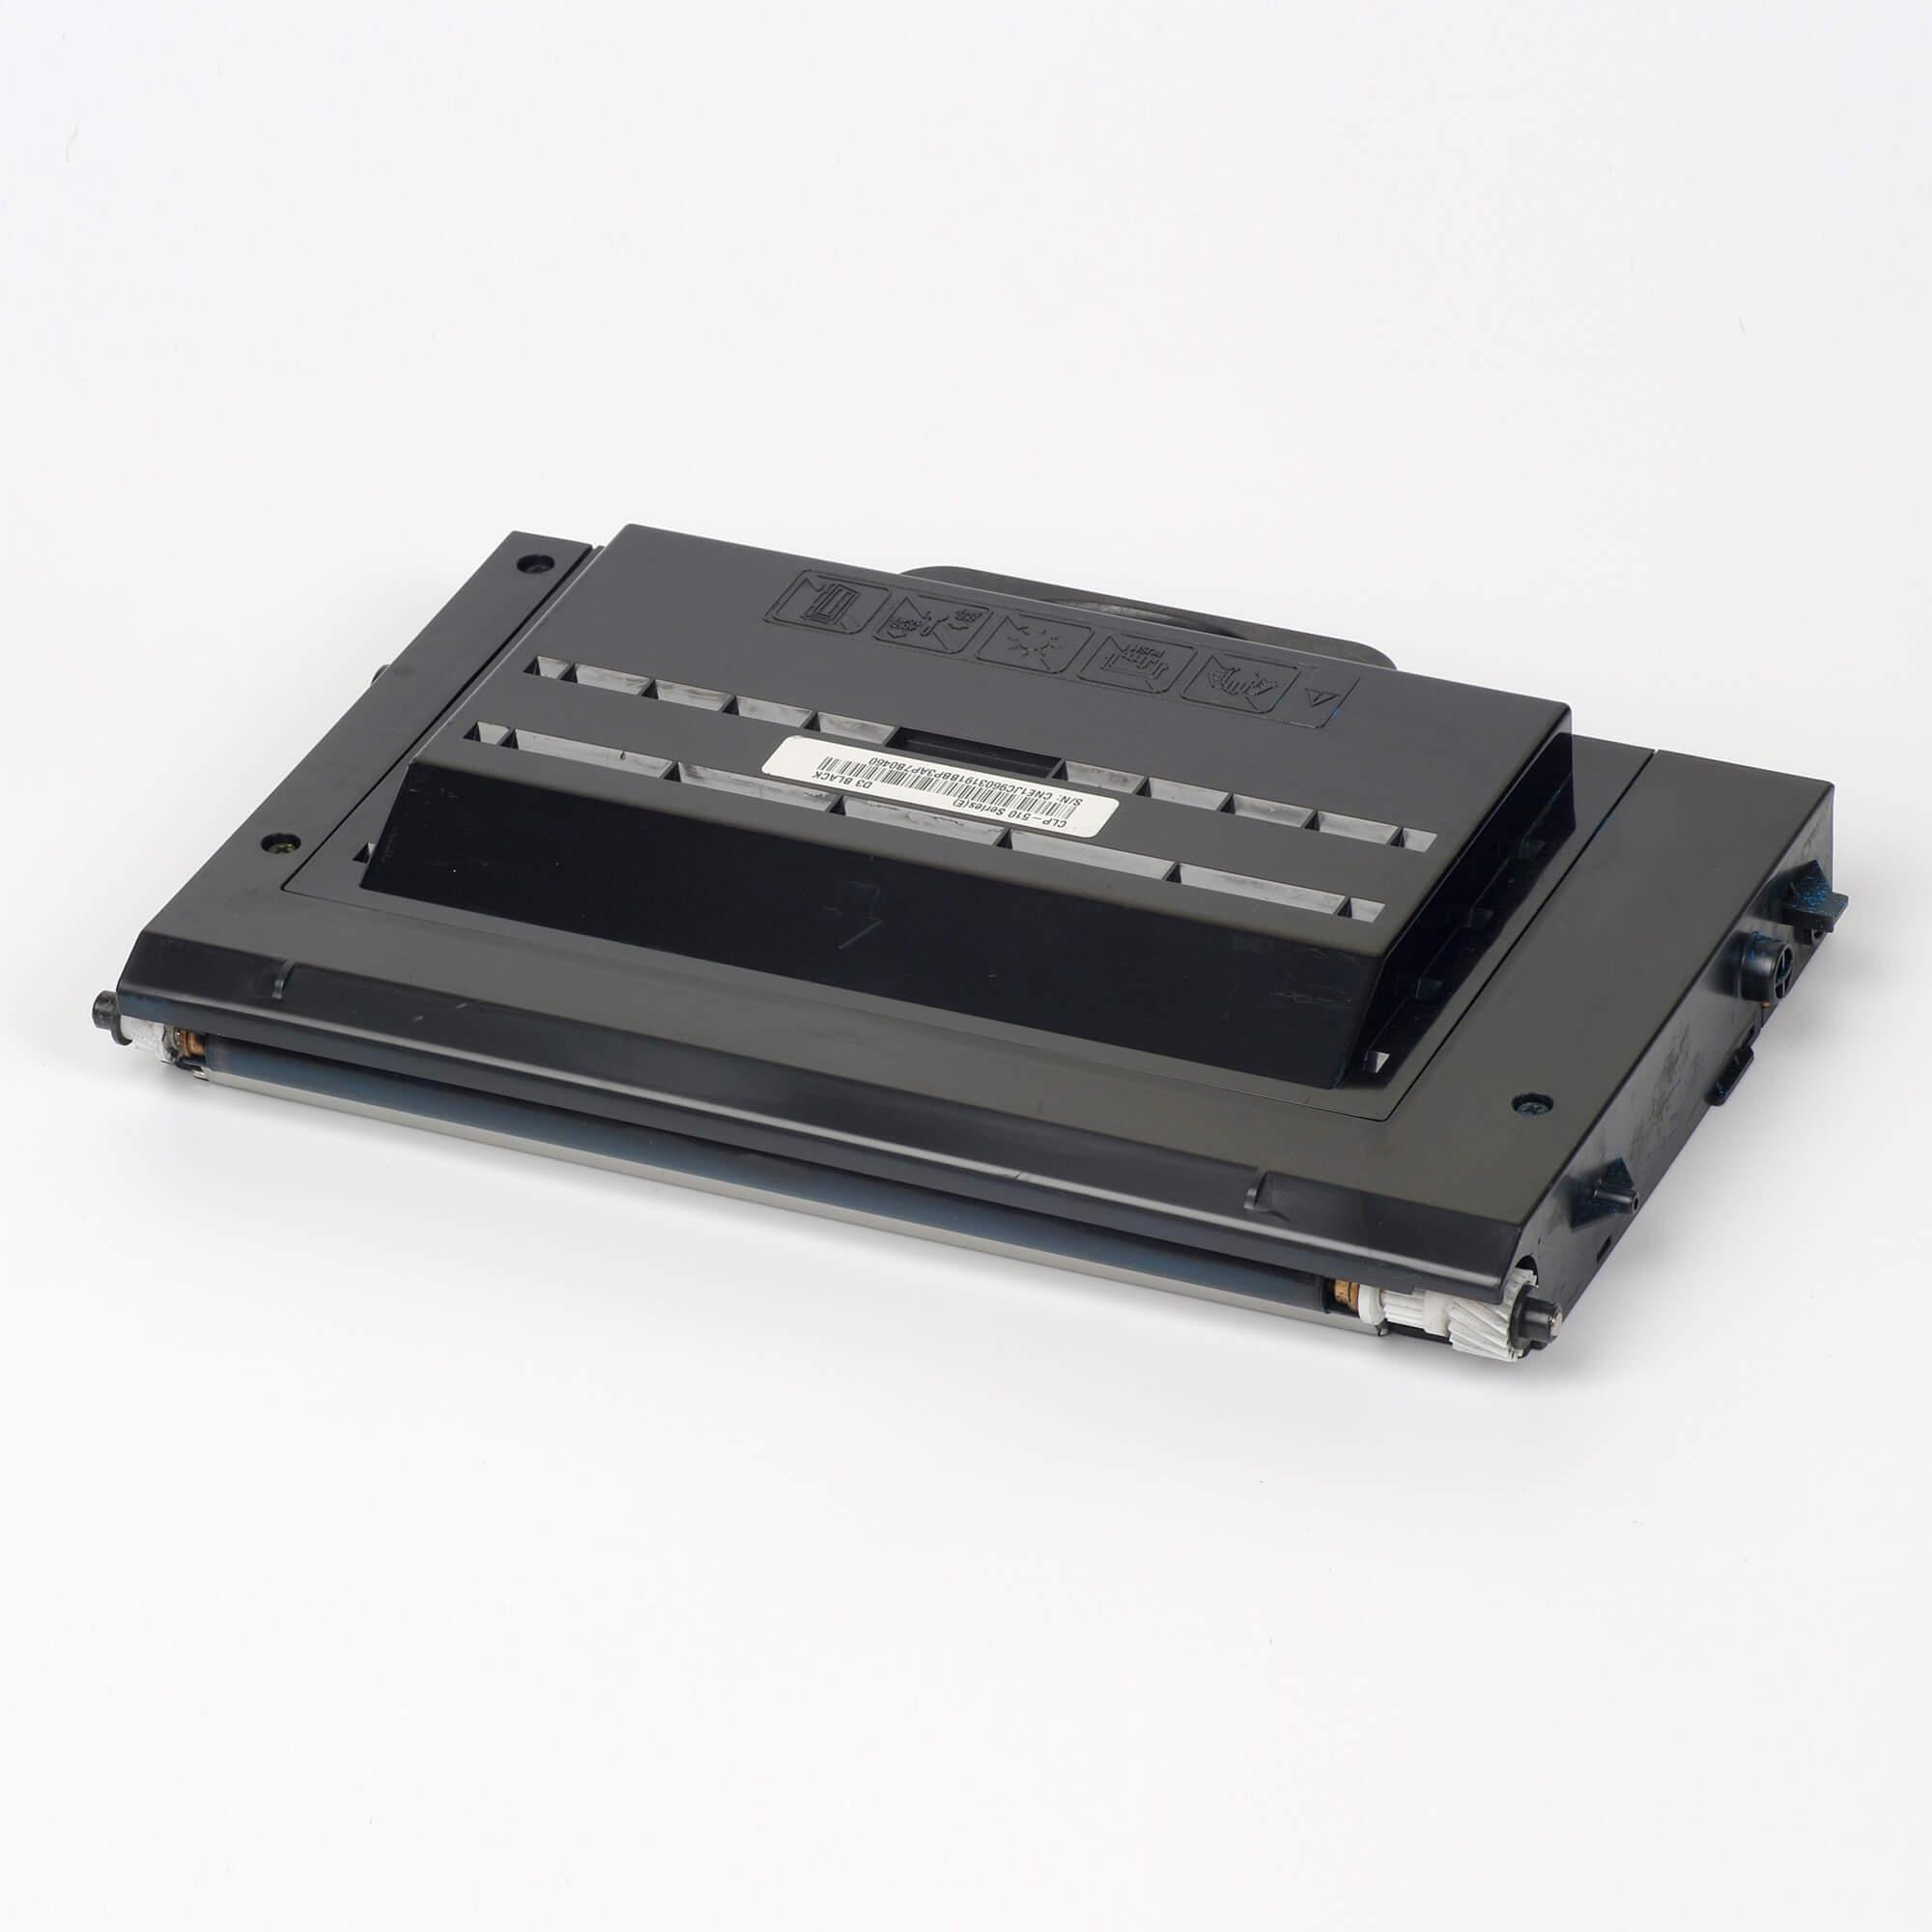 Auf dem Bild sehen Sie eine Samsung CLP-510D7K/ELS Original Toner Schwarz